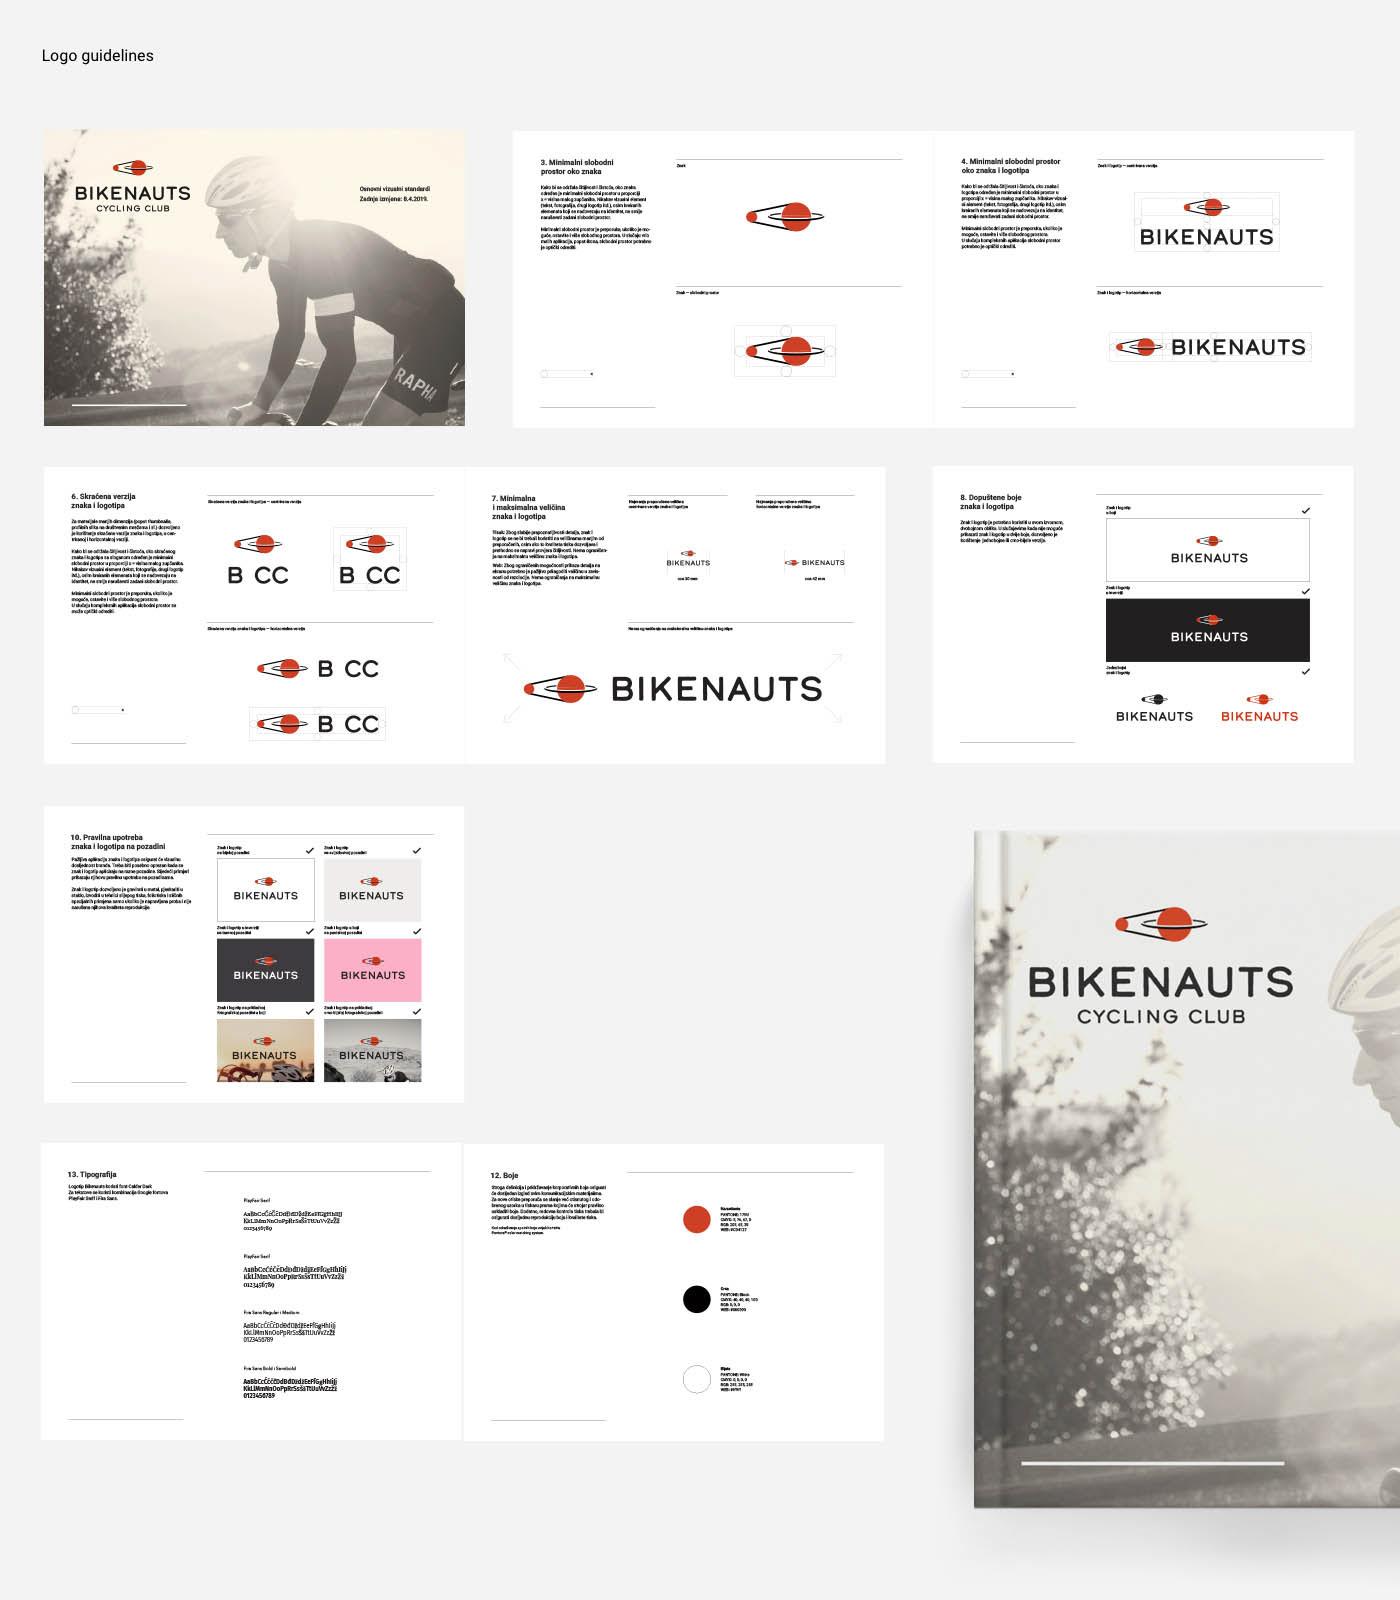 bikenauts_brand_book.jpg